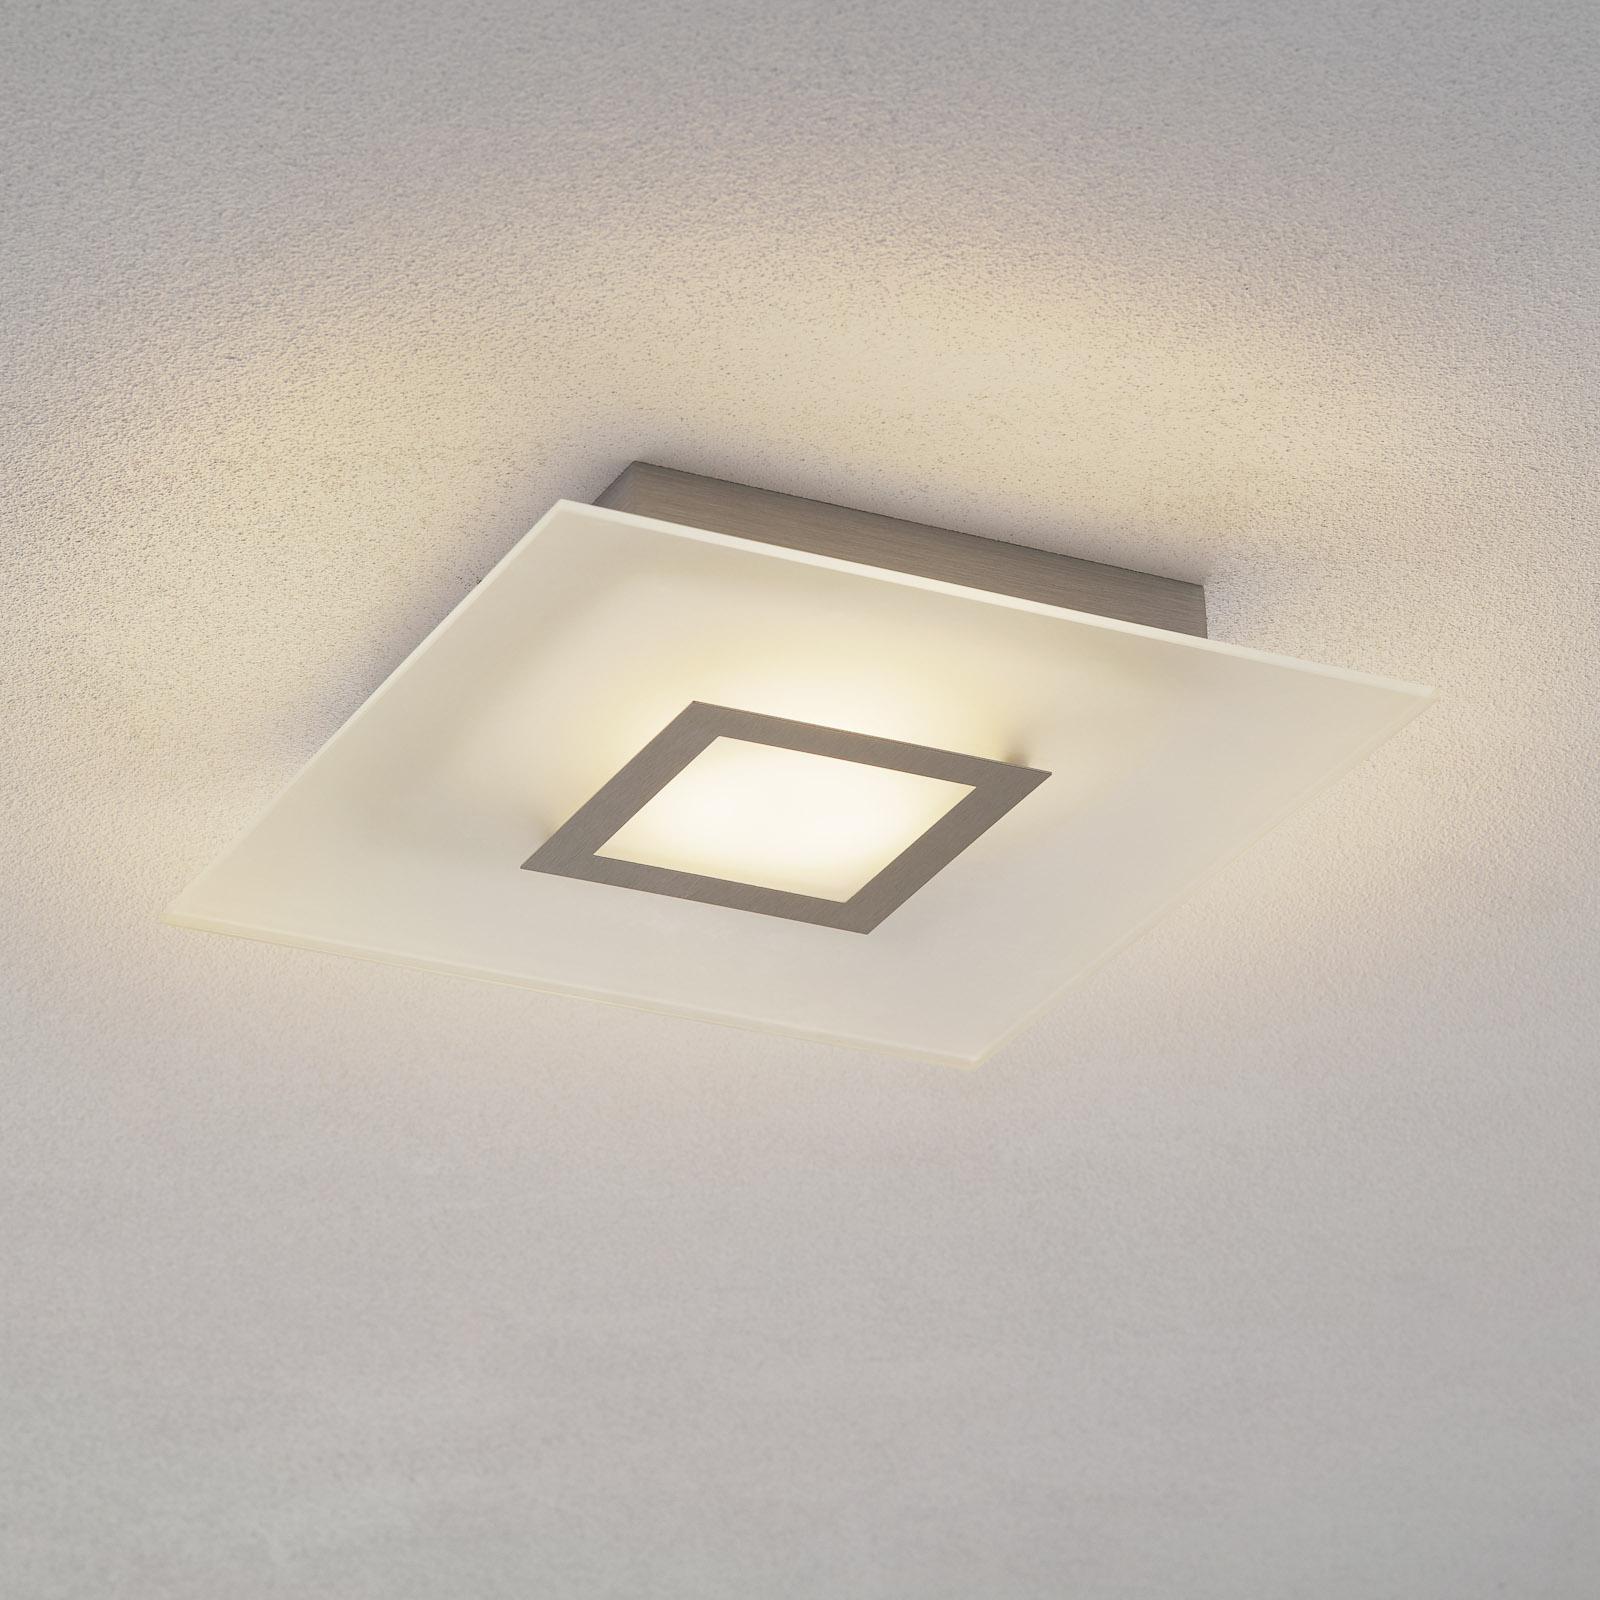 Flat - kvadratisk LED-loftslampe, dæmpbar